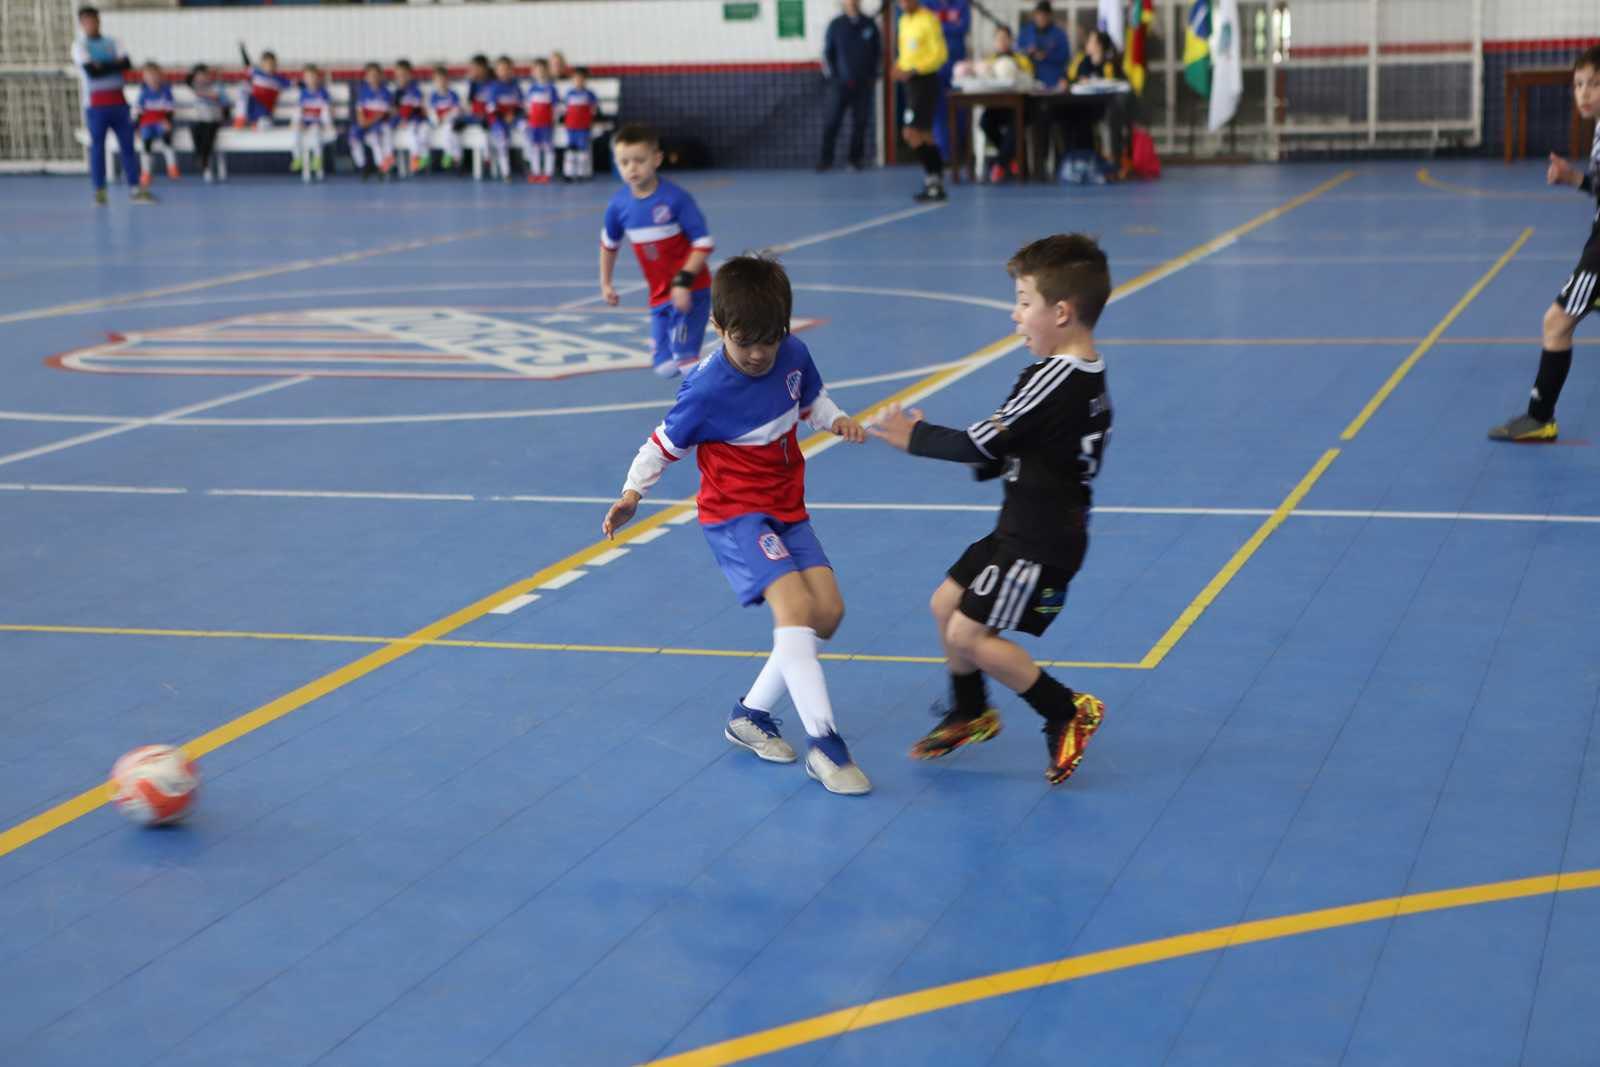 14º Campeonato Dores/Pampeiro - Abertura e 1ª rodada